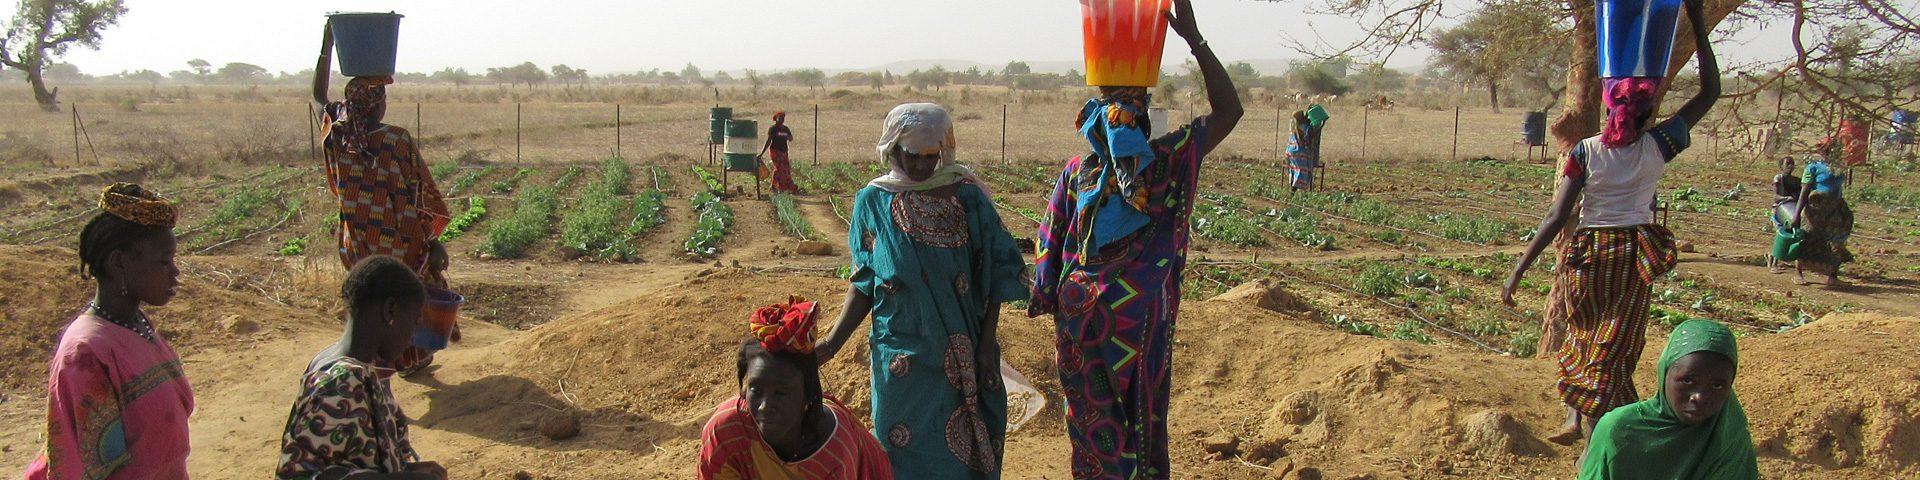 Vrouwen uit Burkina Faso aan het werk in de groentetuin.